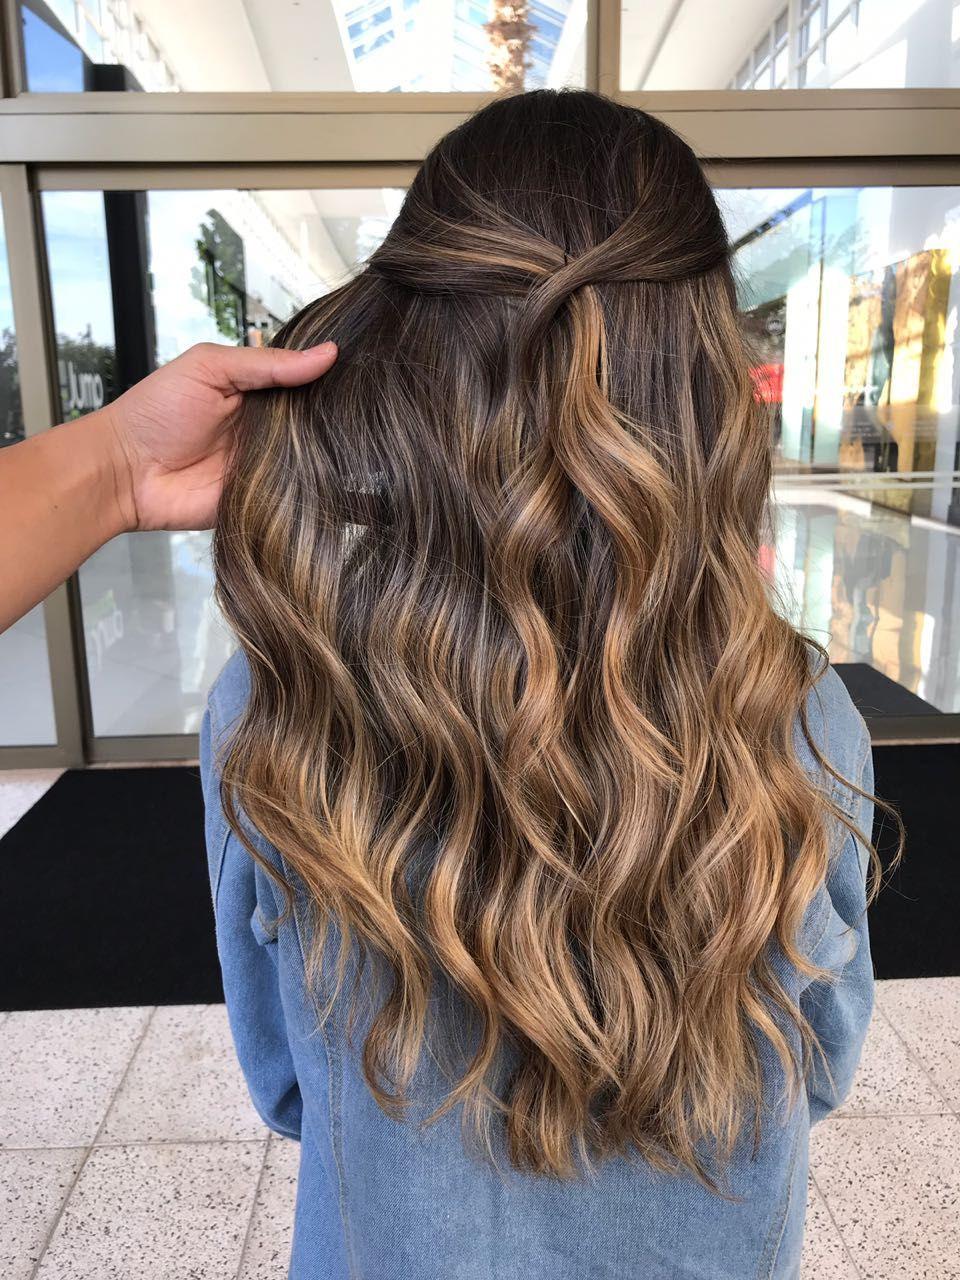 Pin Von Marissa Vallia Auf Holy Hair Haare Balayage Frisuren